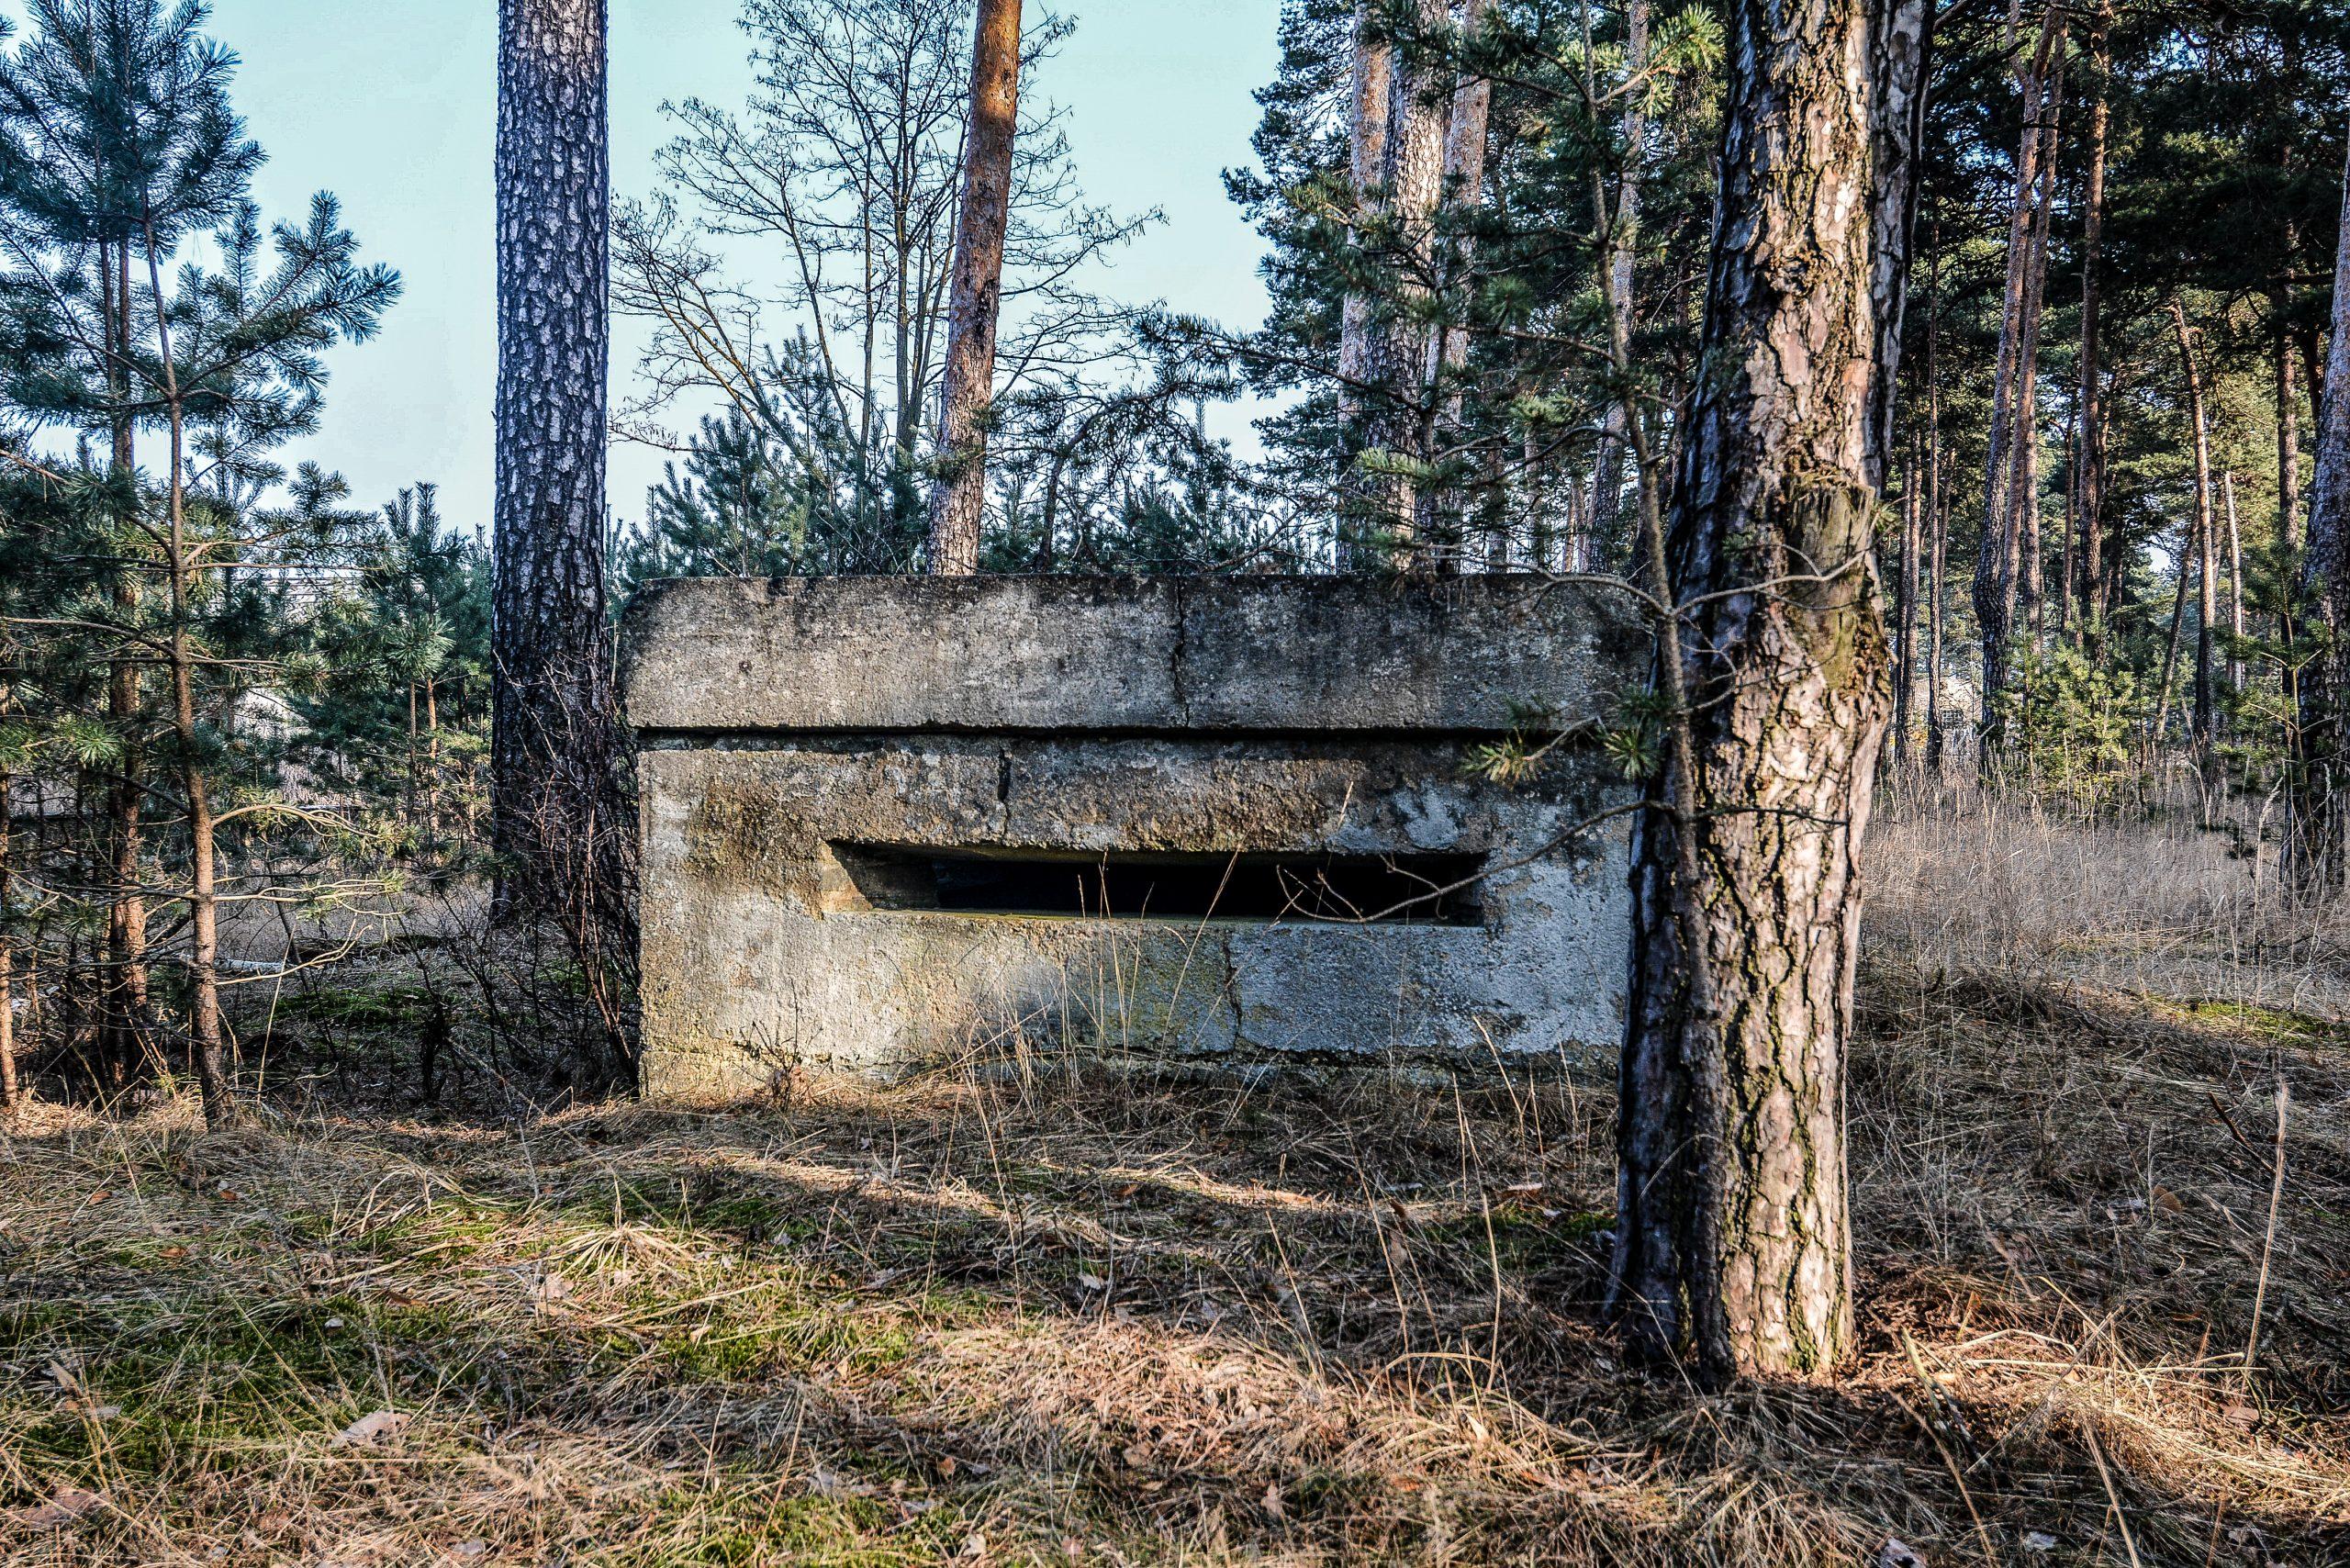 forrest bunker soviet nazi forst zinna adolf hitler lager luckenwalde juterbog sowjet kaserne soviet military barracks germany lost places urbex abandoned